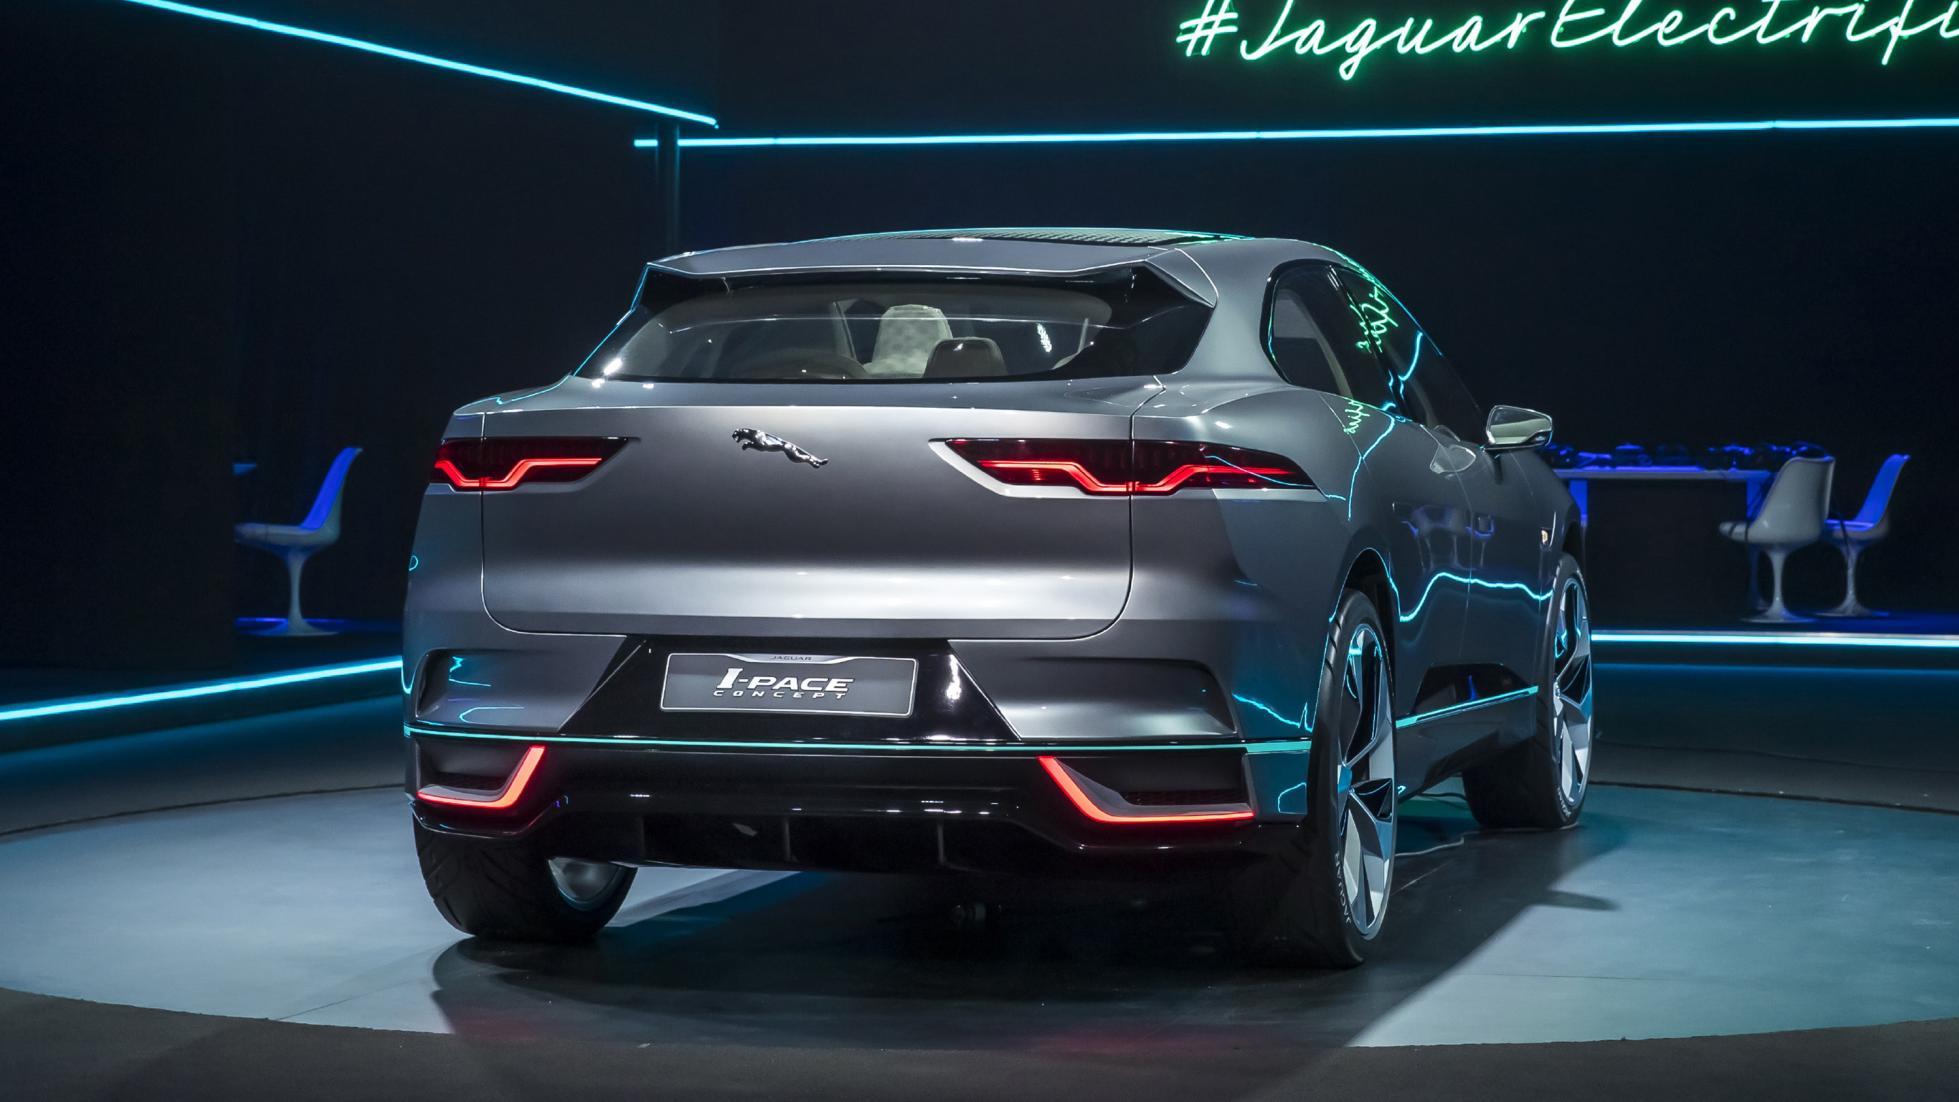 jaguar-electric-vehicle-2